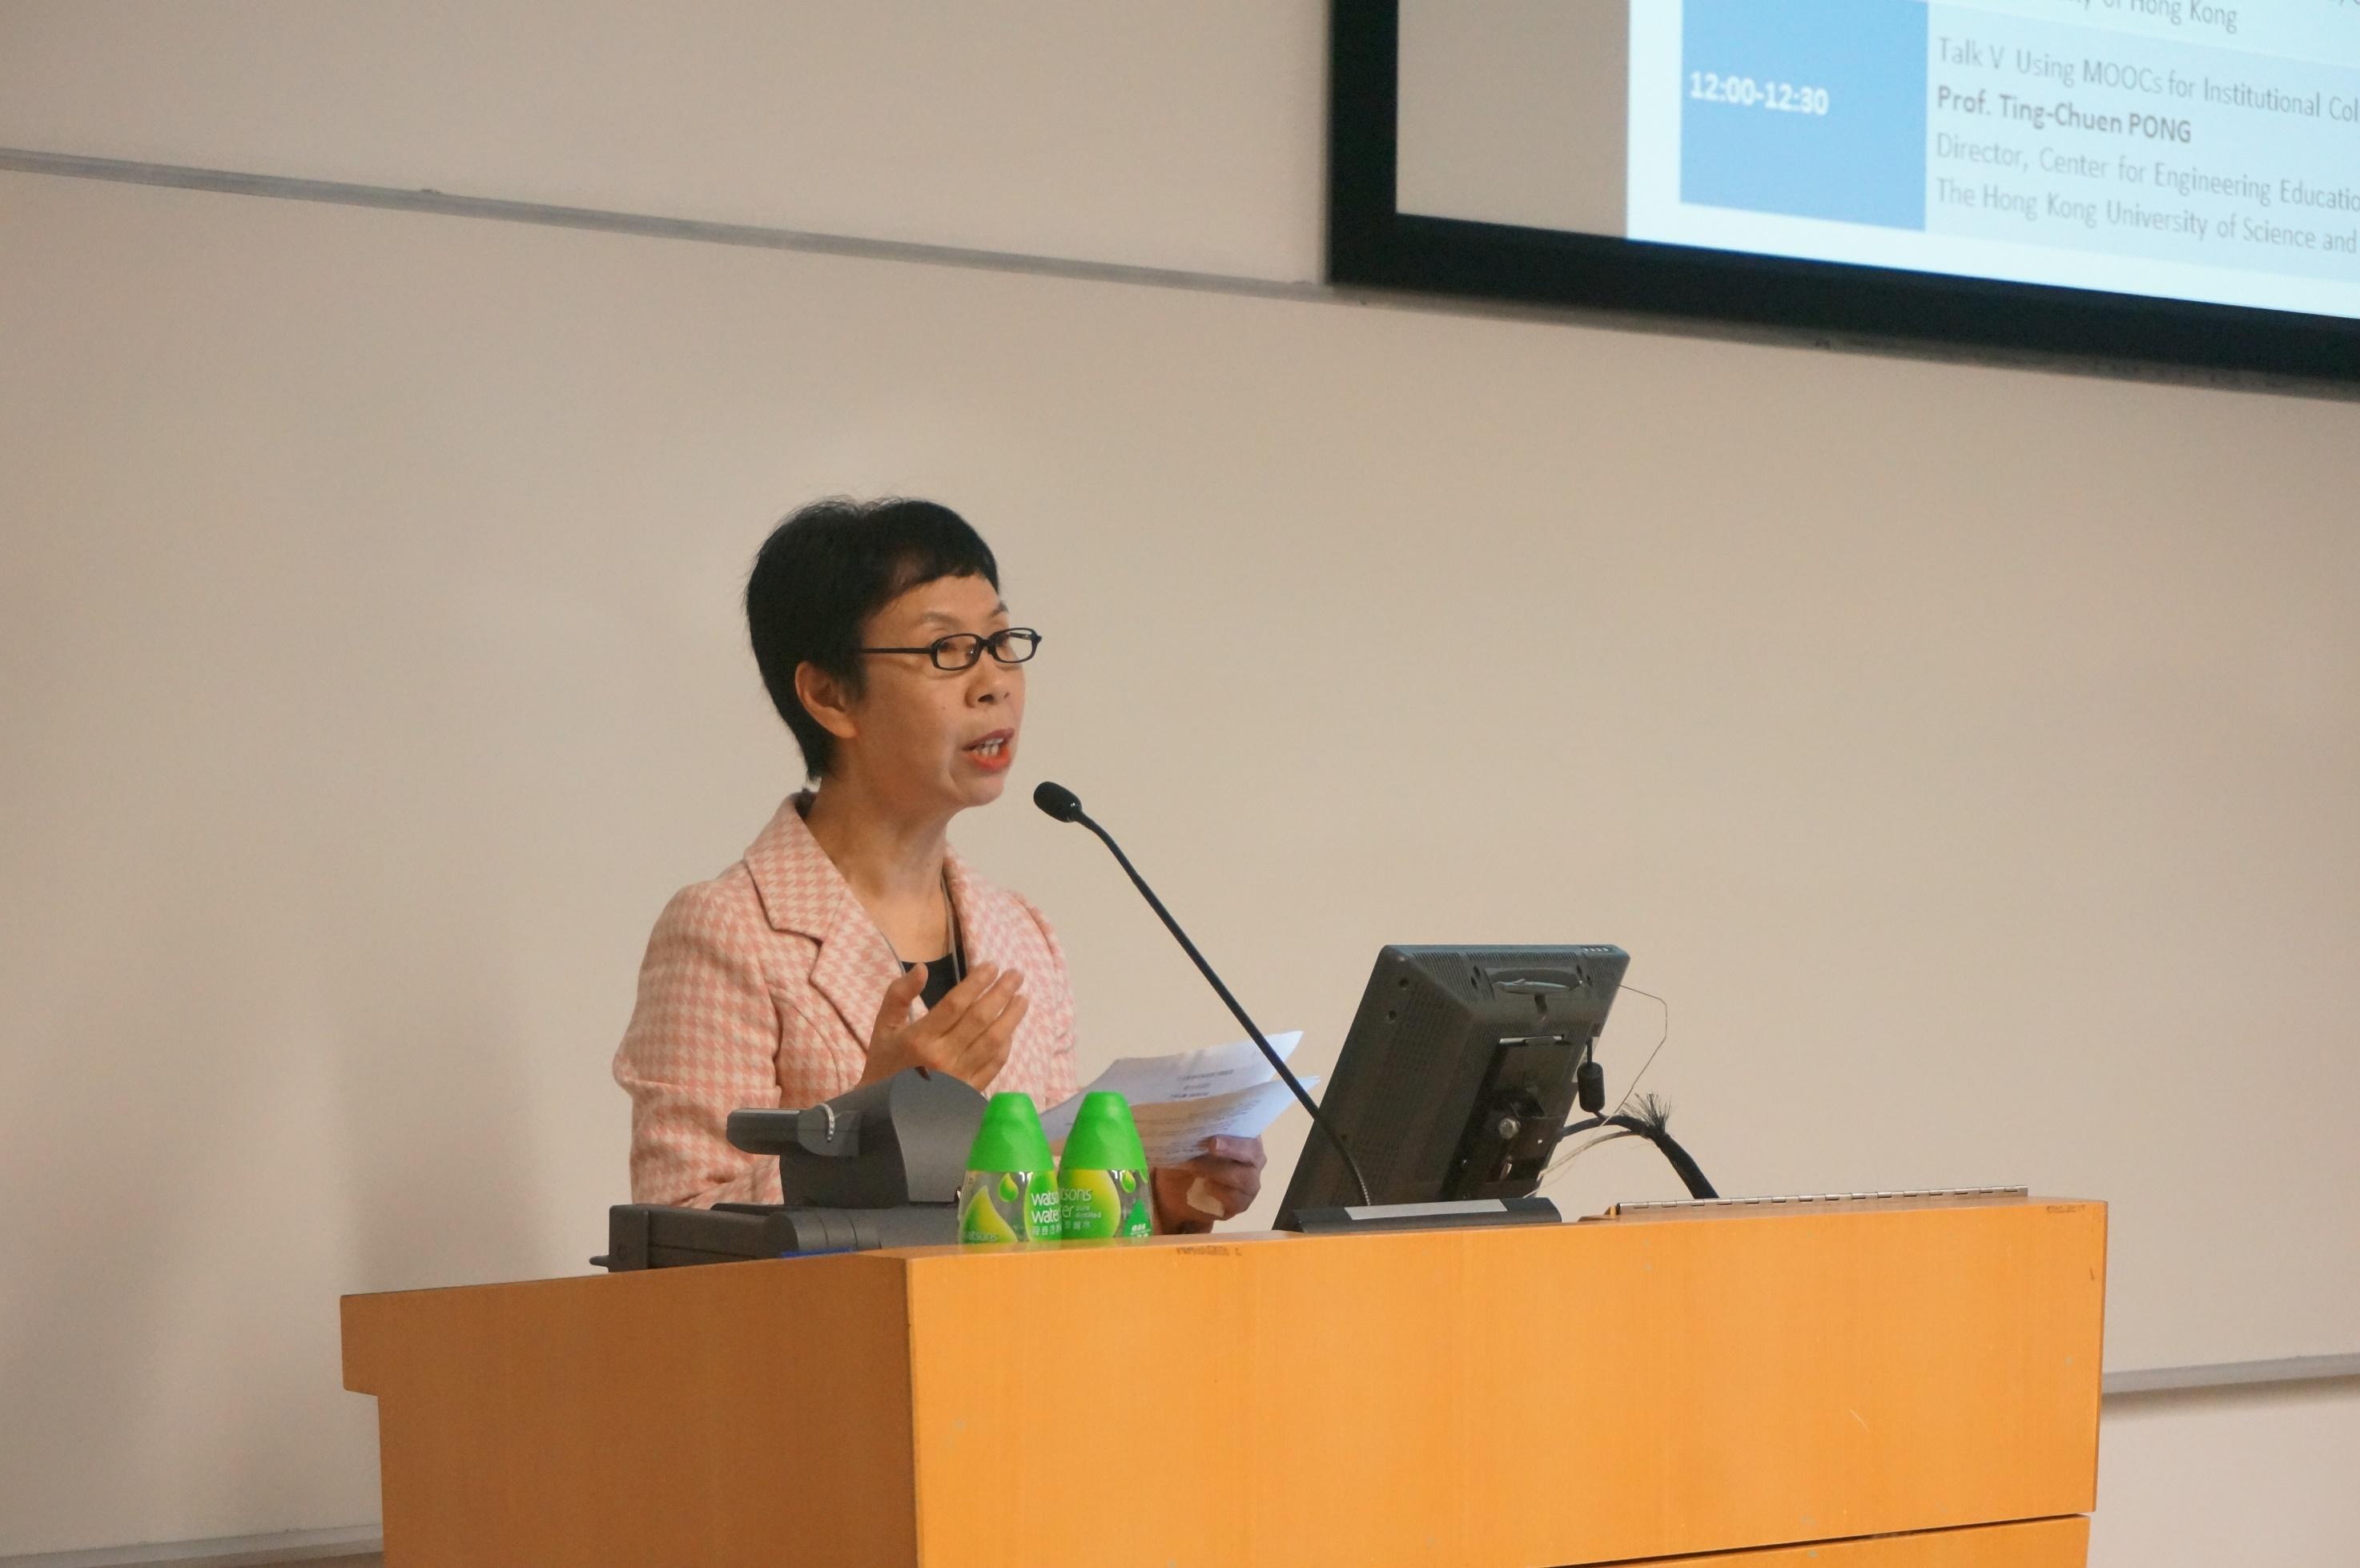 澳大拉西亞高等教育研究與發展協會香港分會主席關笑芳博士致歡迎辭。